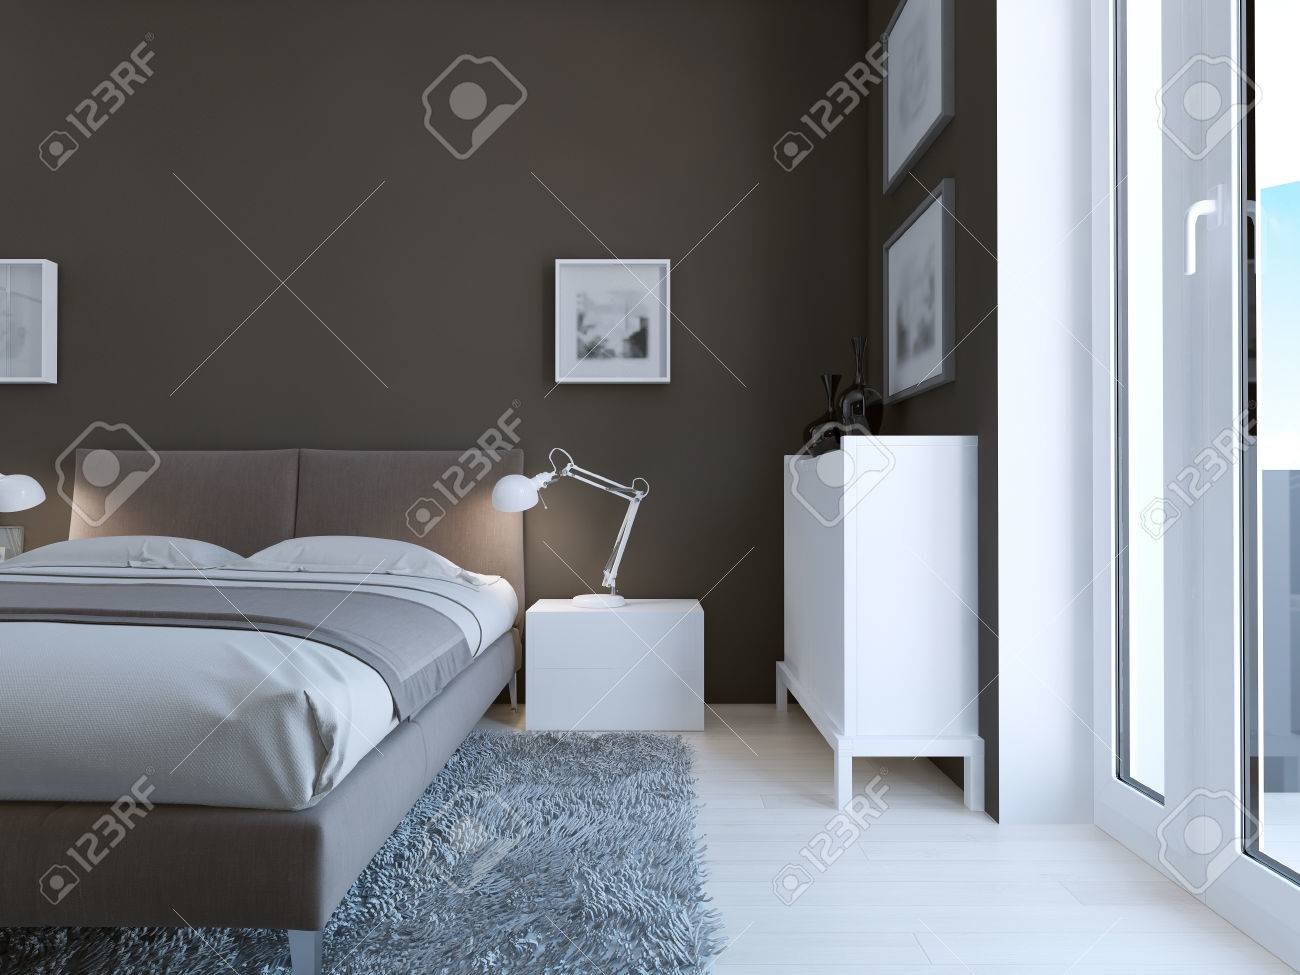 High Tech Zimmer Design Prazise Und Sehr Elegant Bett Und Der